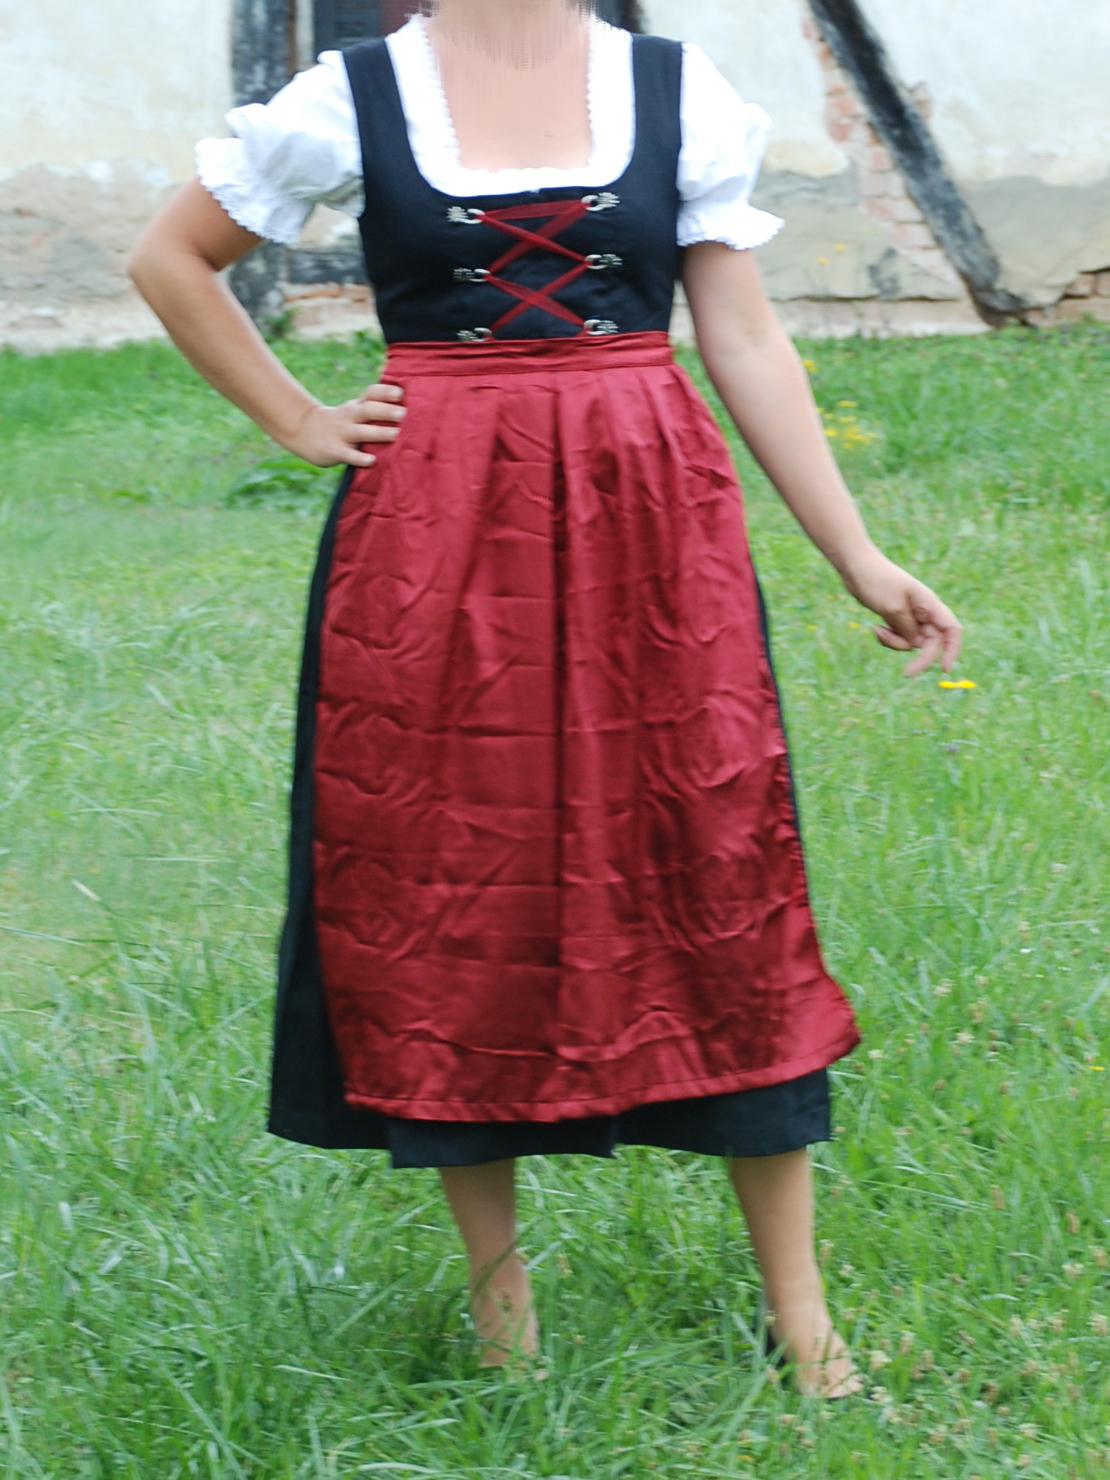 Damen Trachten Kleid schwarz weiß geblümt mit roter Schürze Gr 40